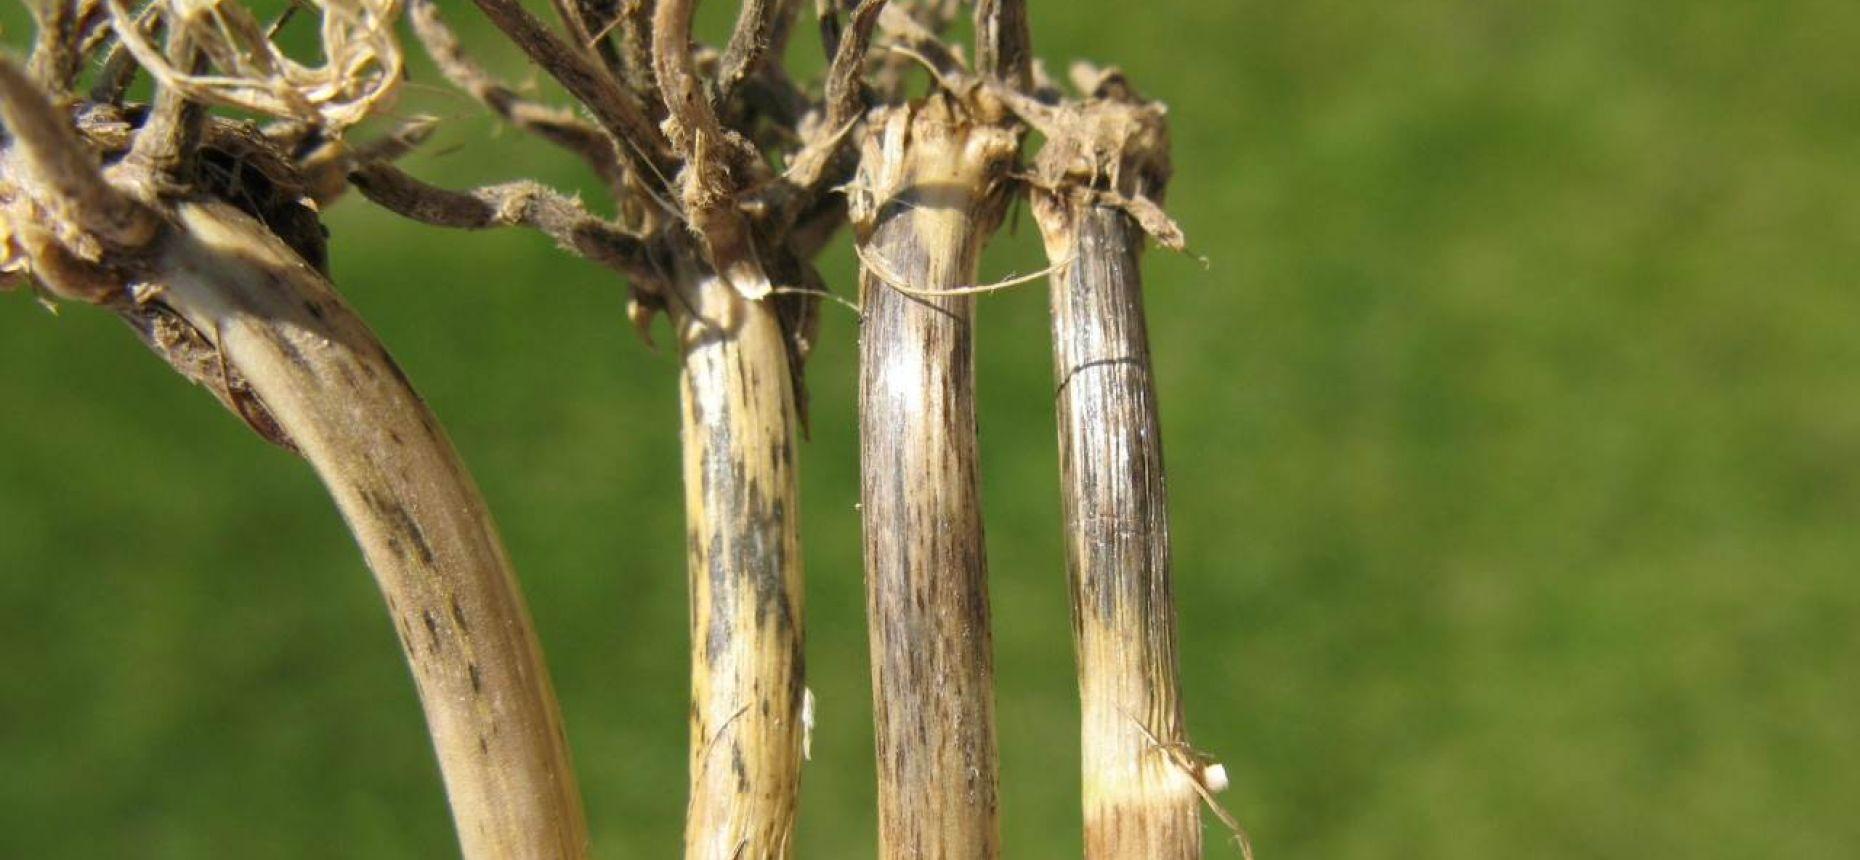 Офиоболезная корневая гниль - Gaeumannomyces graminis (Sacc.) Arx & D.L. Olivier.(= Ophiobolus graminis Sacc.)